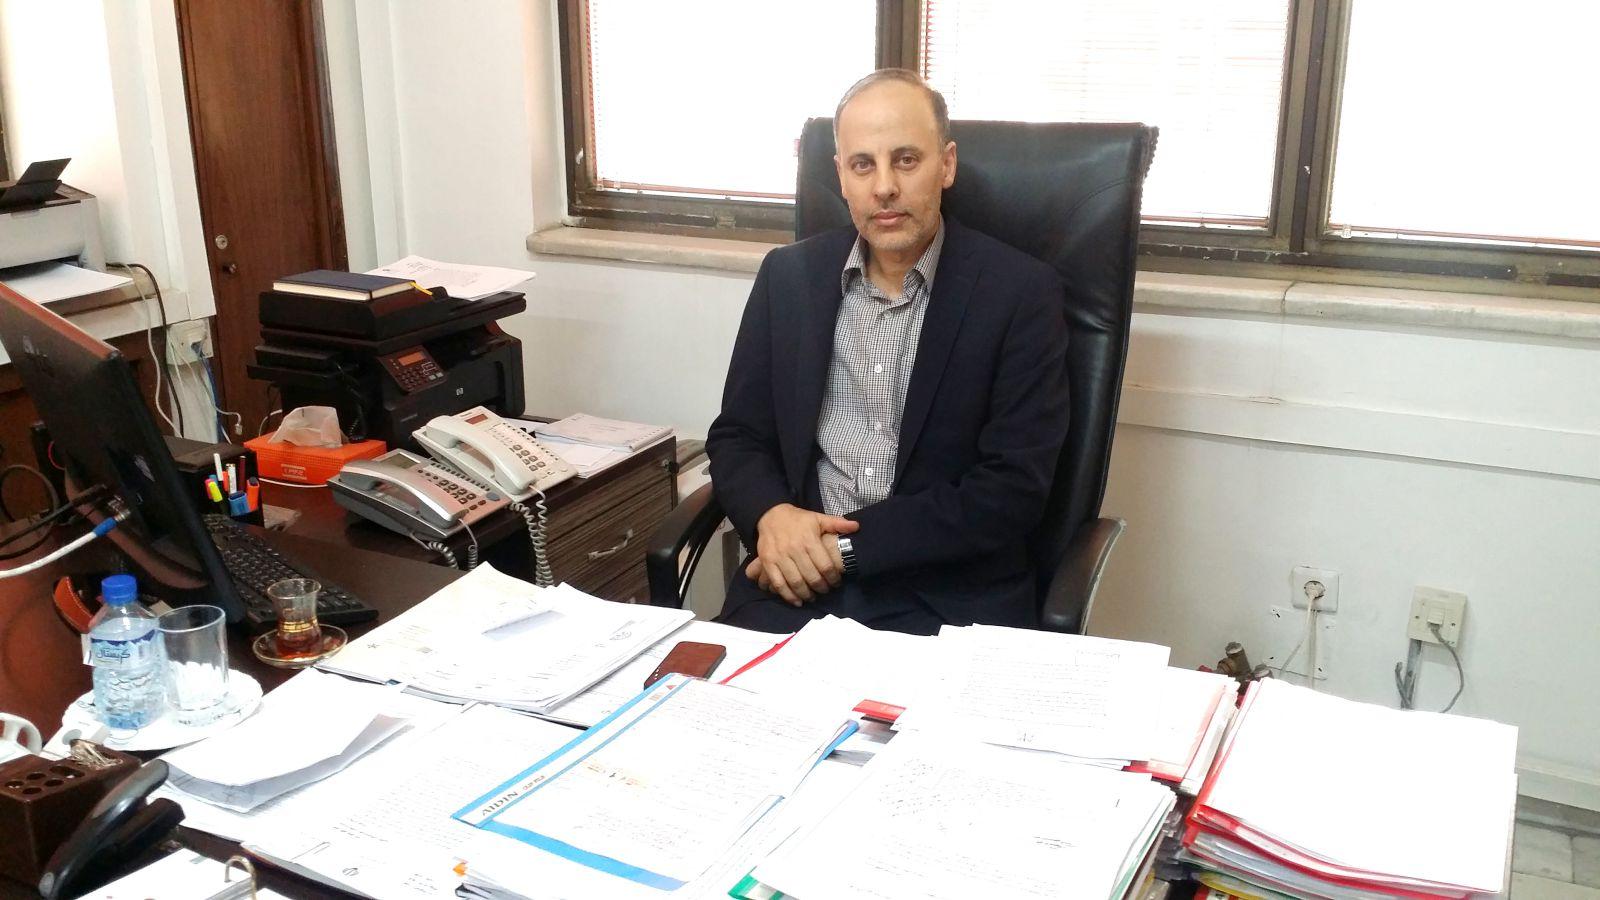 علی امانت ، قائم مرکز اصناف و بازرگانان و رئیس کمیته نظارت بر فعالیت فروشگاههای مجازی